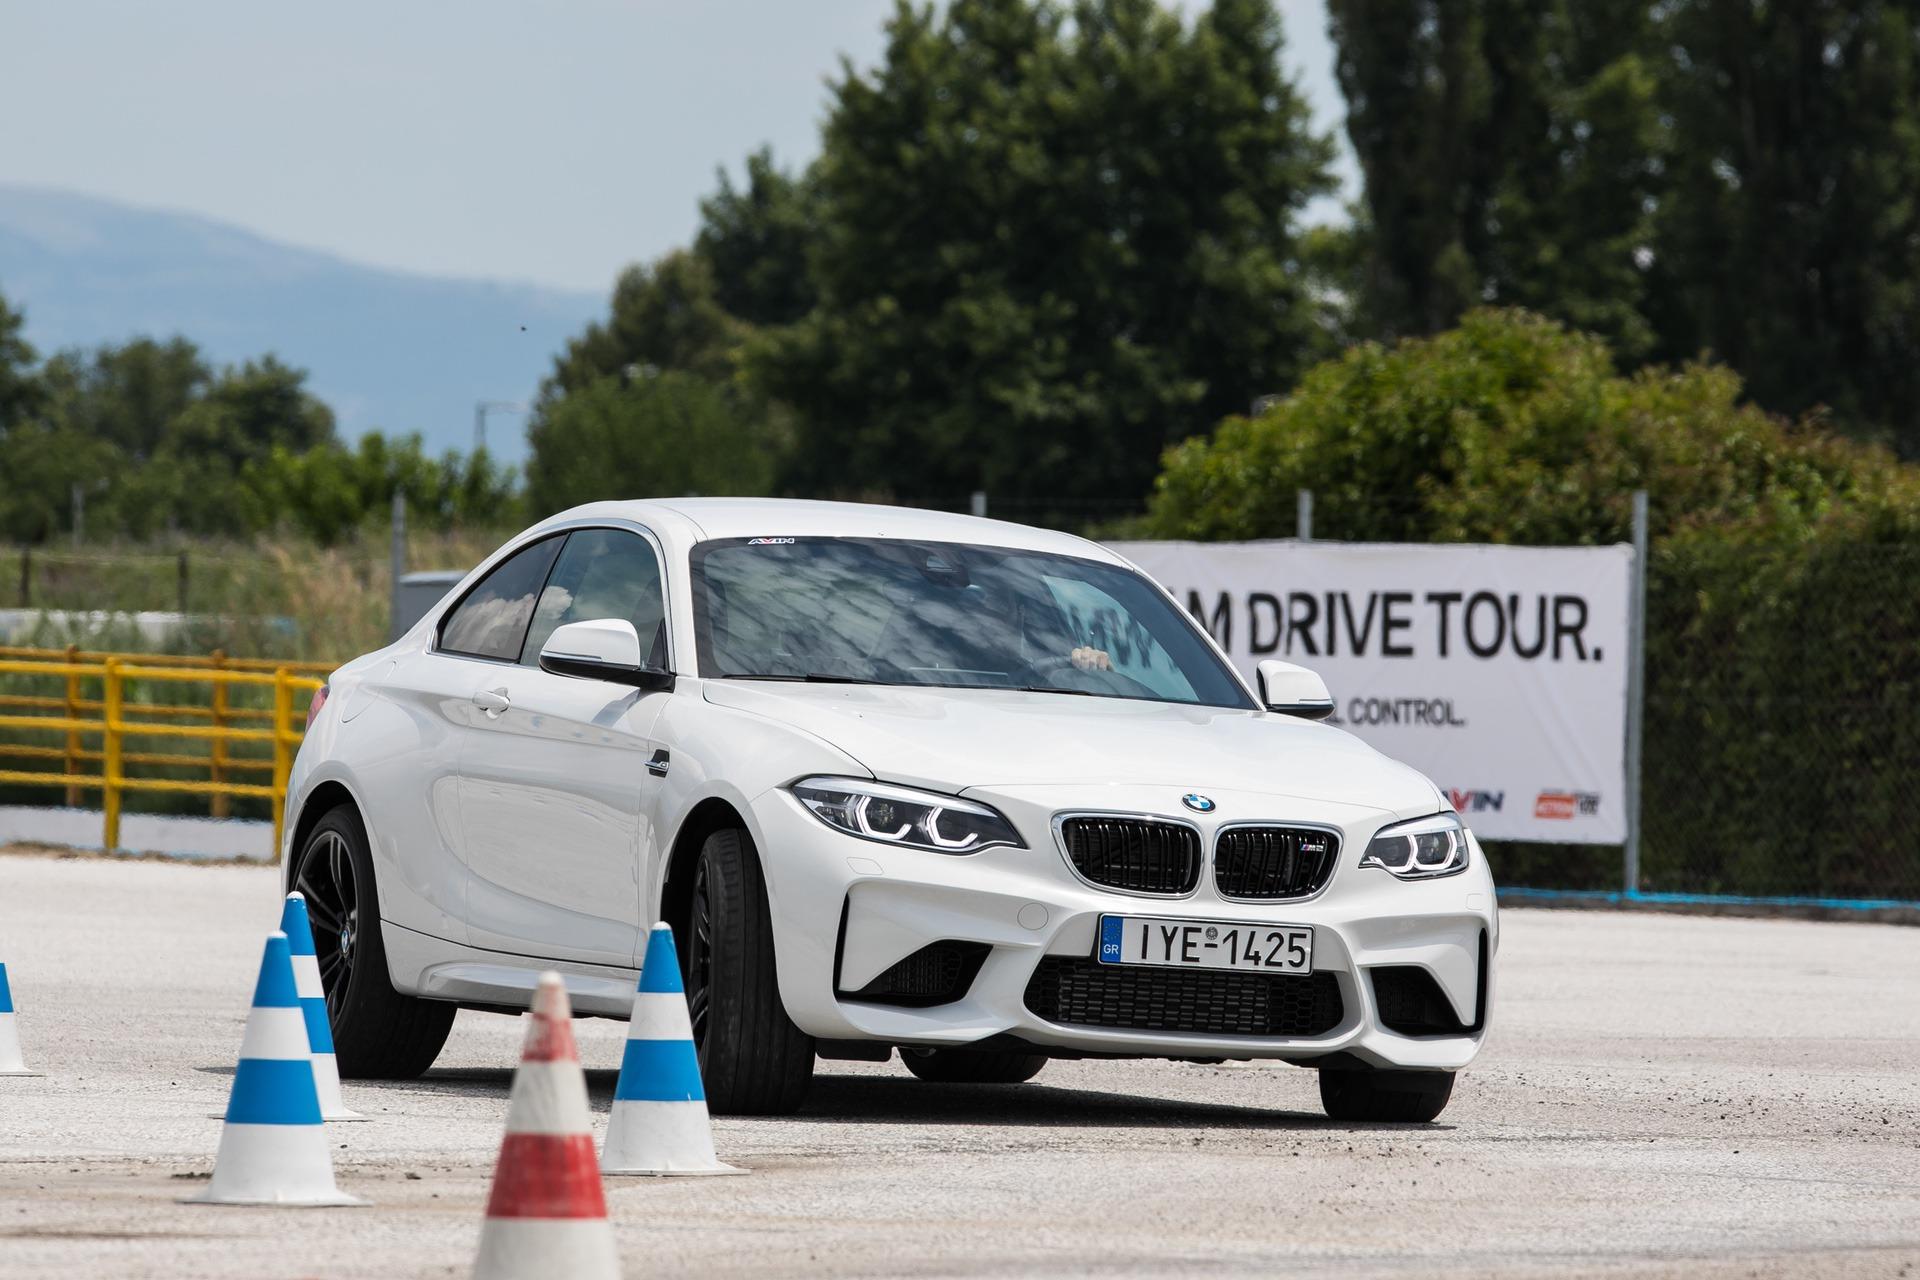 BMW_M_Drive_Tour_0190